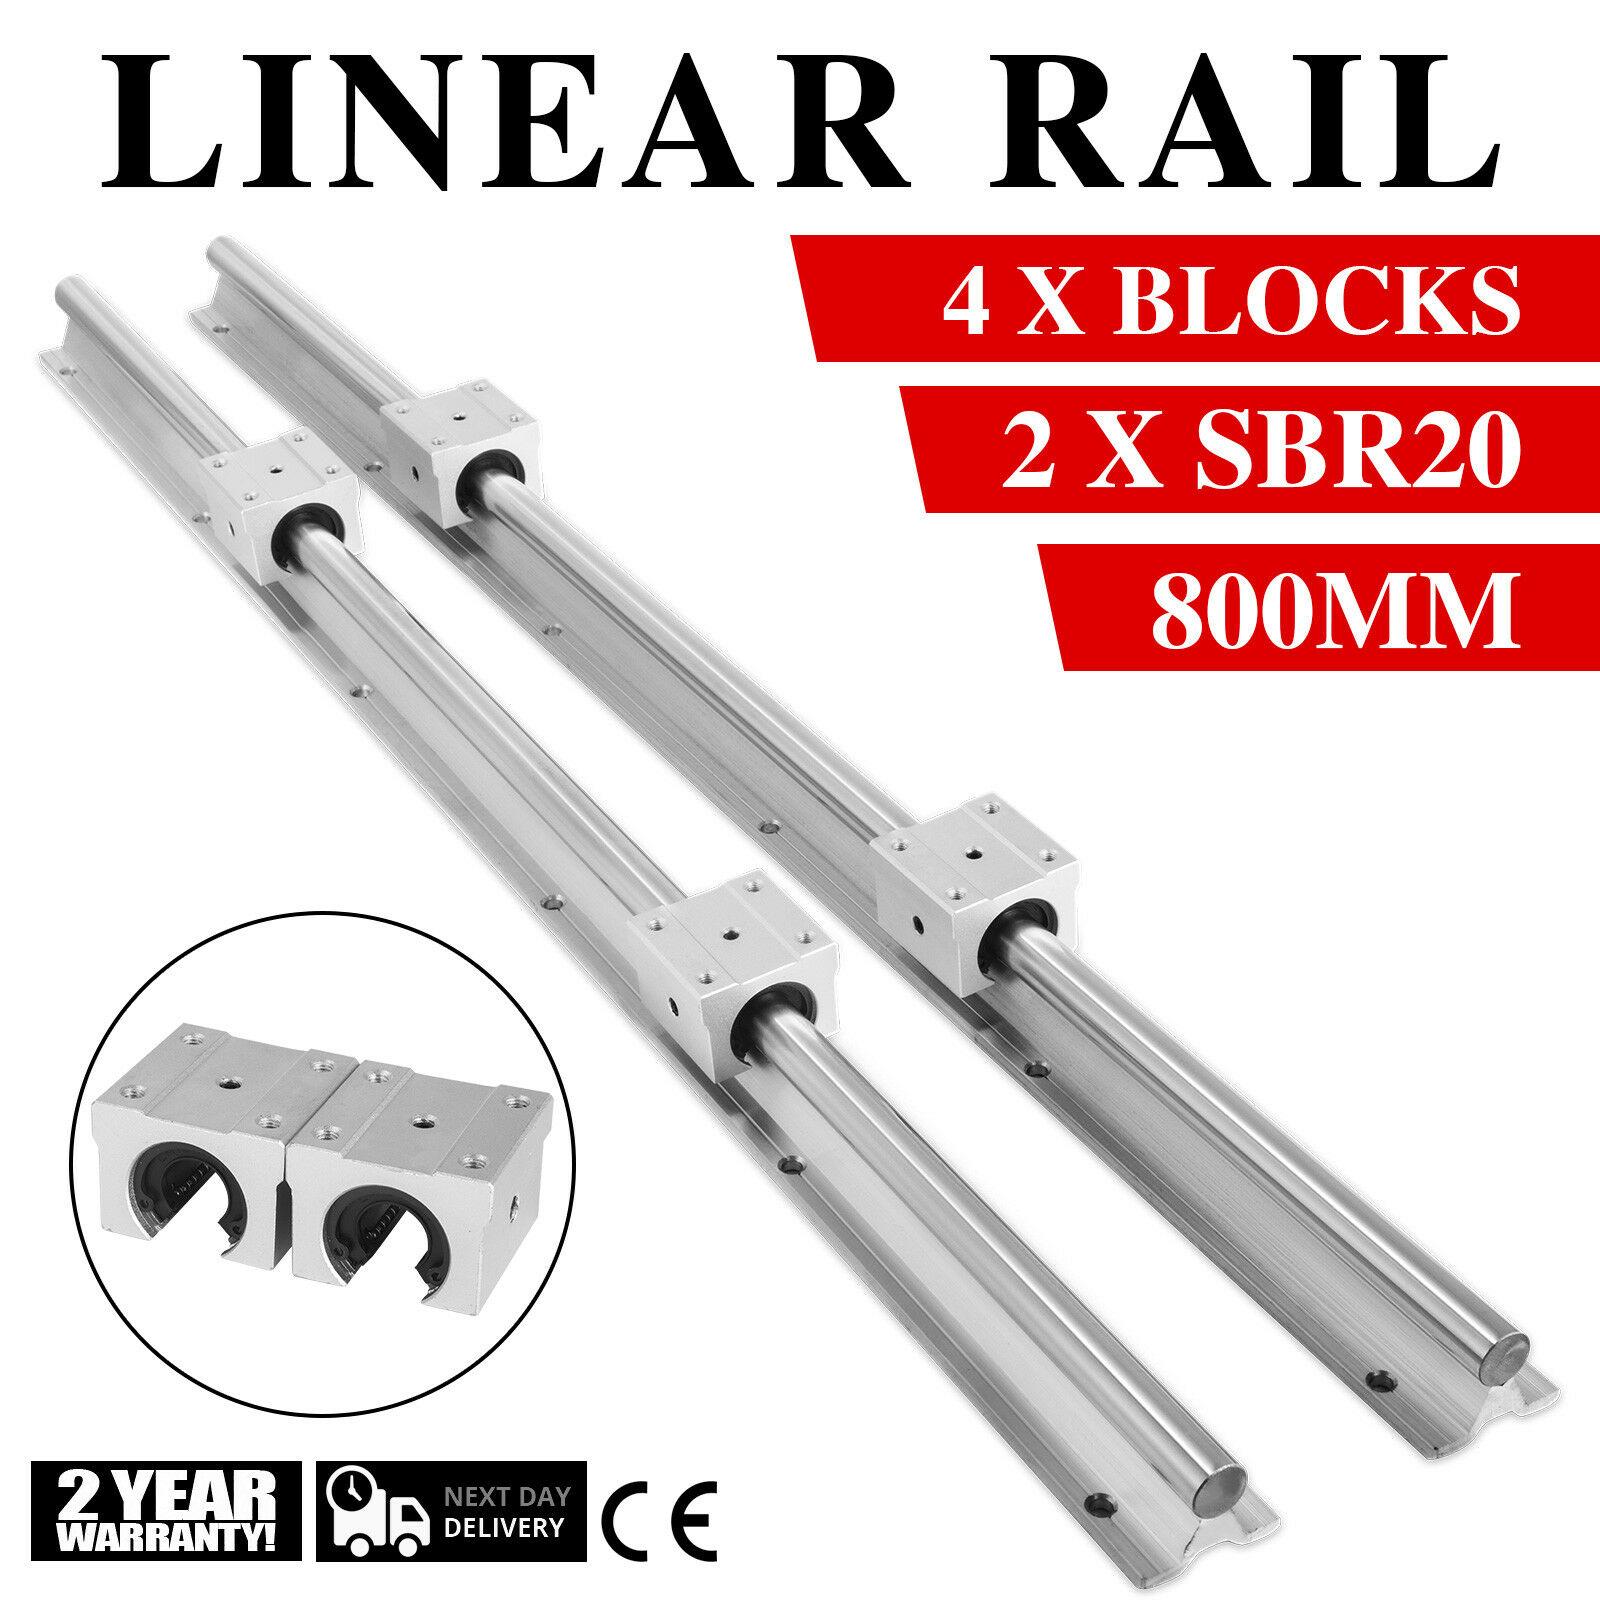 2X SBR20 مدعوم بالكامل السكك الحديدية الخطية + 4X SBR20UU 20 مللي متر الشريحة كتلة تحمل [800 مللي متر (31.5 في) 2 القضبان 4 كتل]